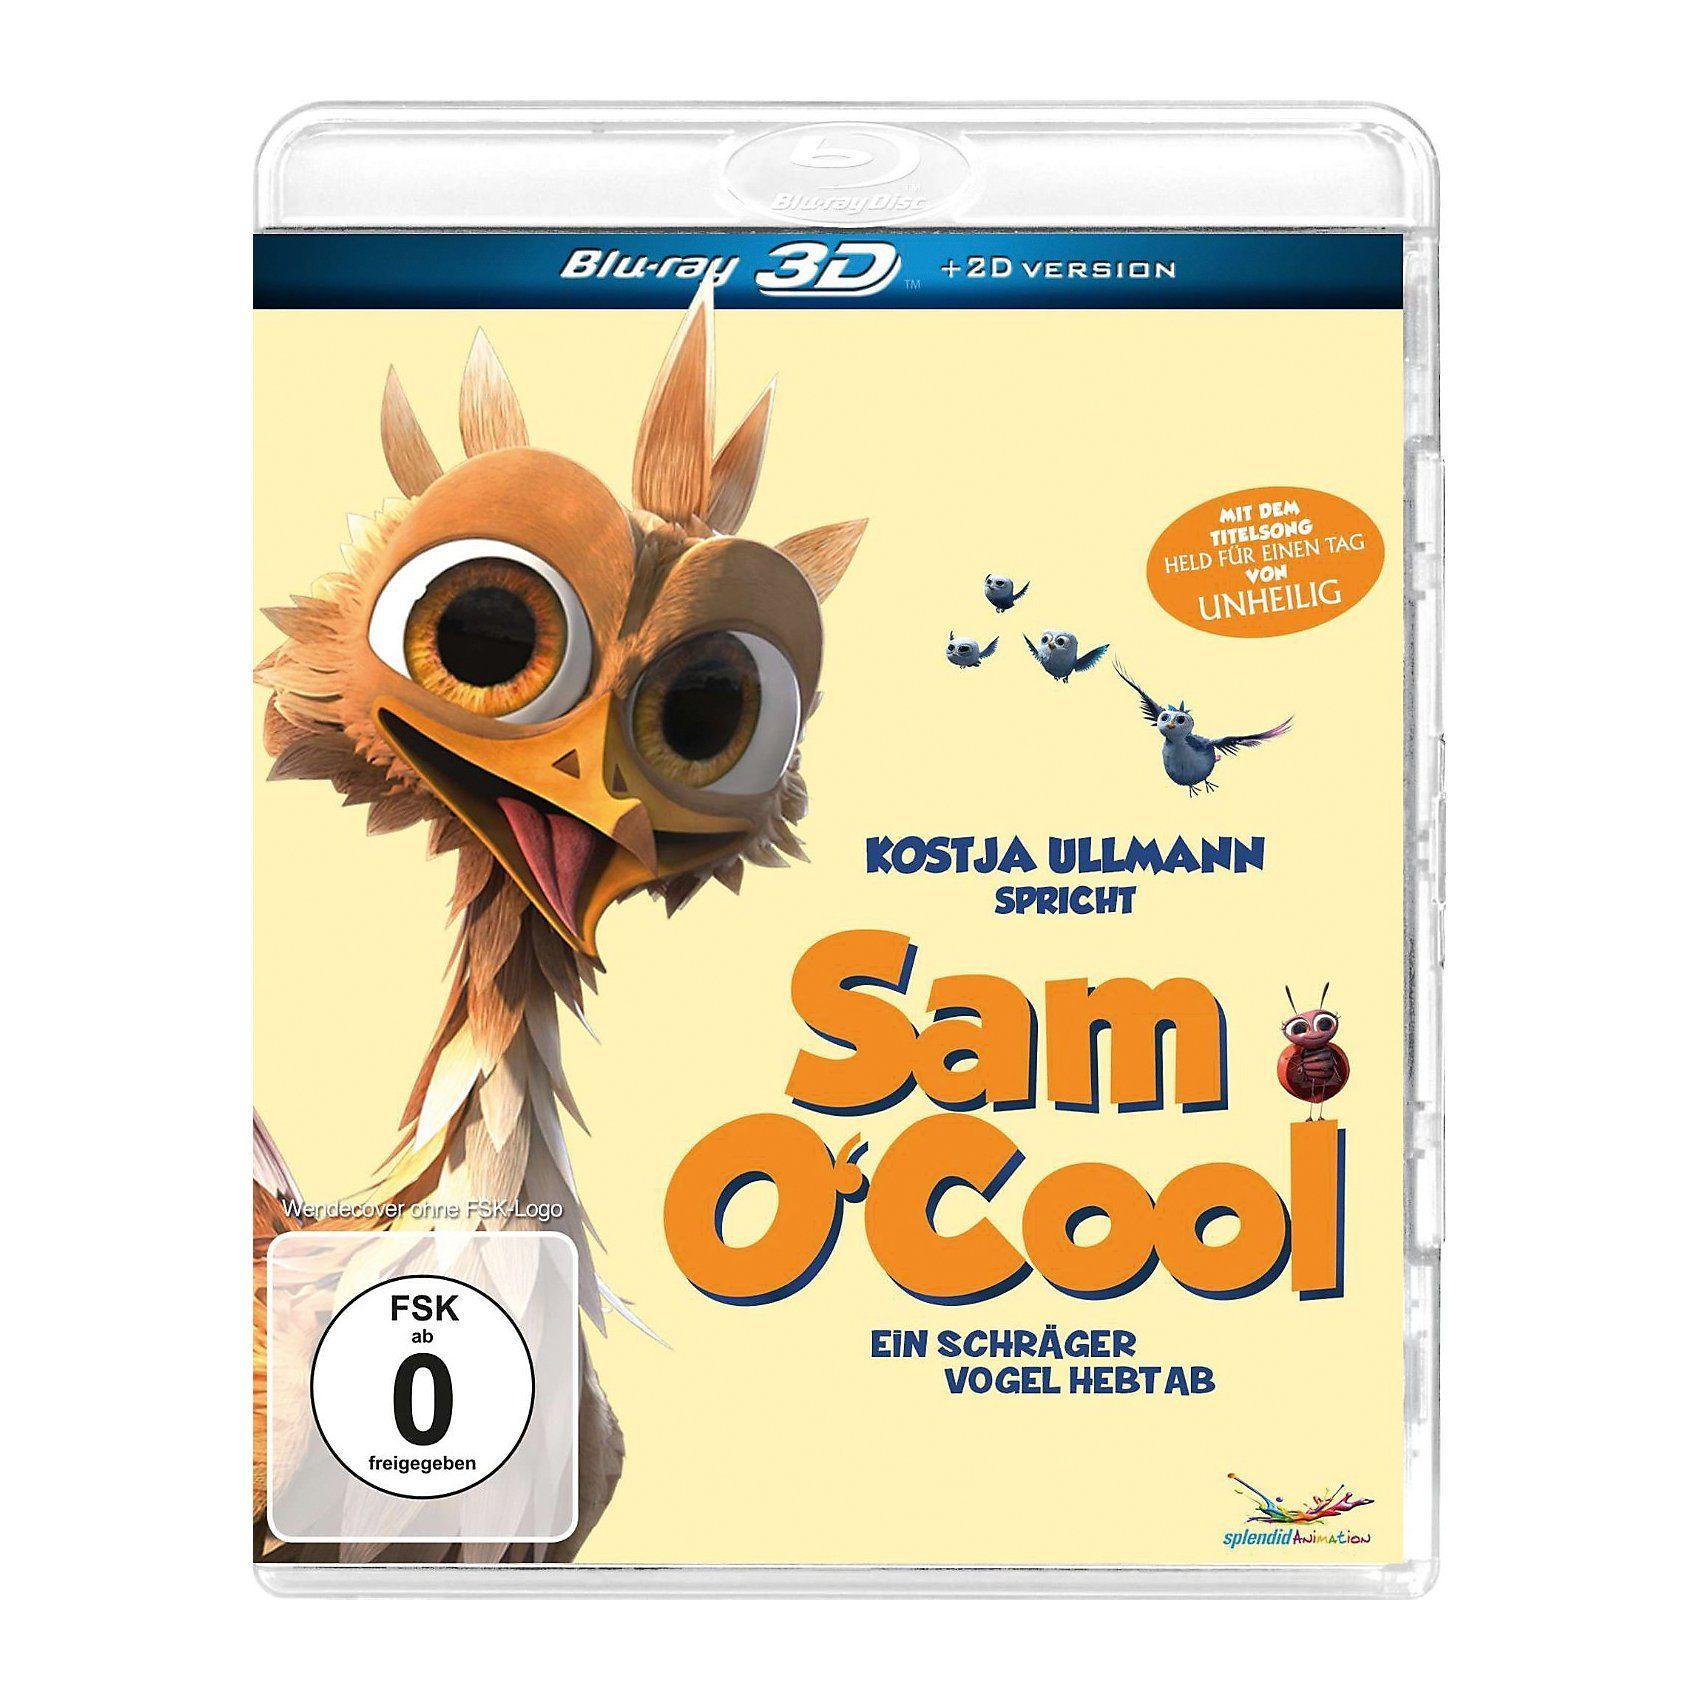 BLU-RAY Sam O'Cool - Ein schräger Vogel hebt ab! (3D + 2D Ve